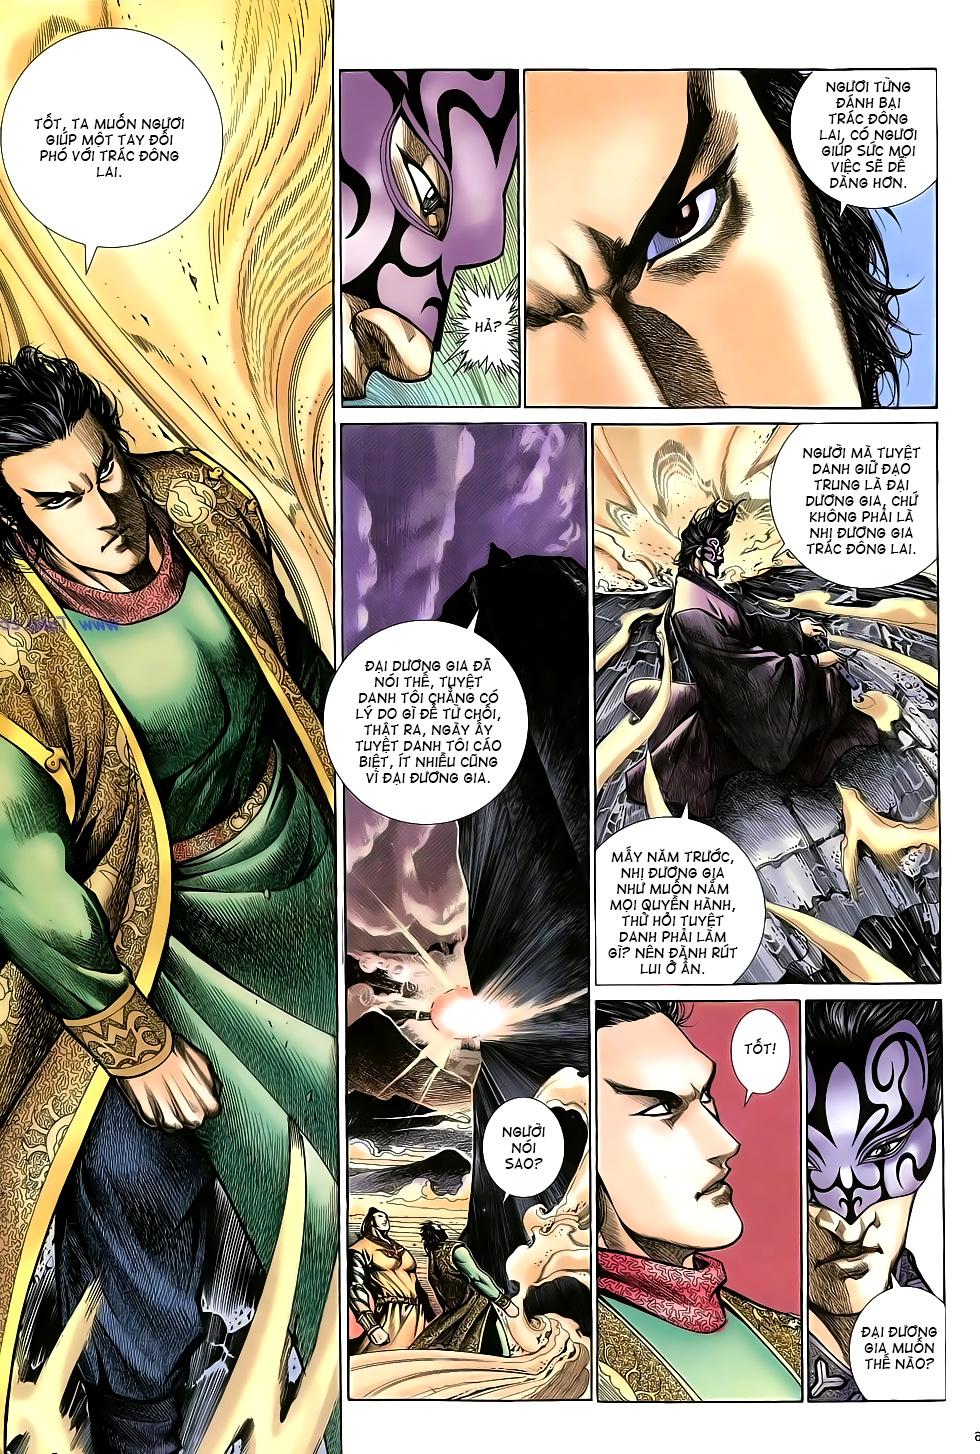 Anh hùng vô lệ Chap 16: Kiếm túy sư cuồng bất lưu đấu  trang 17